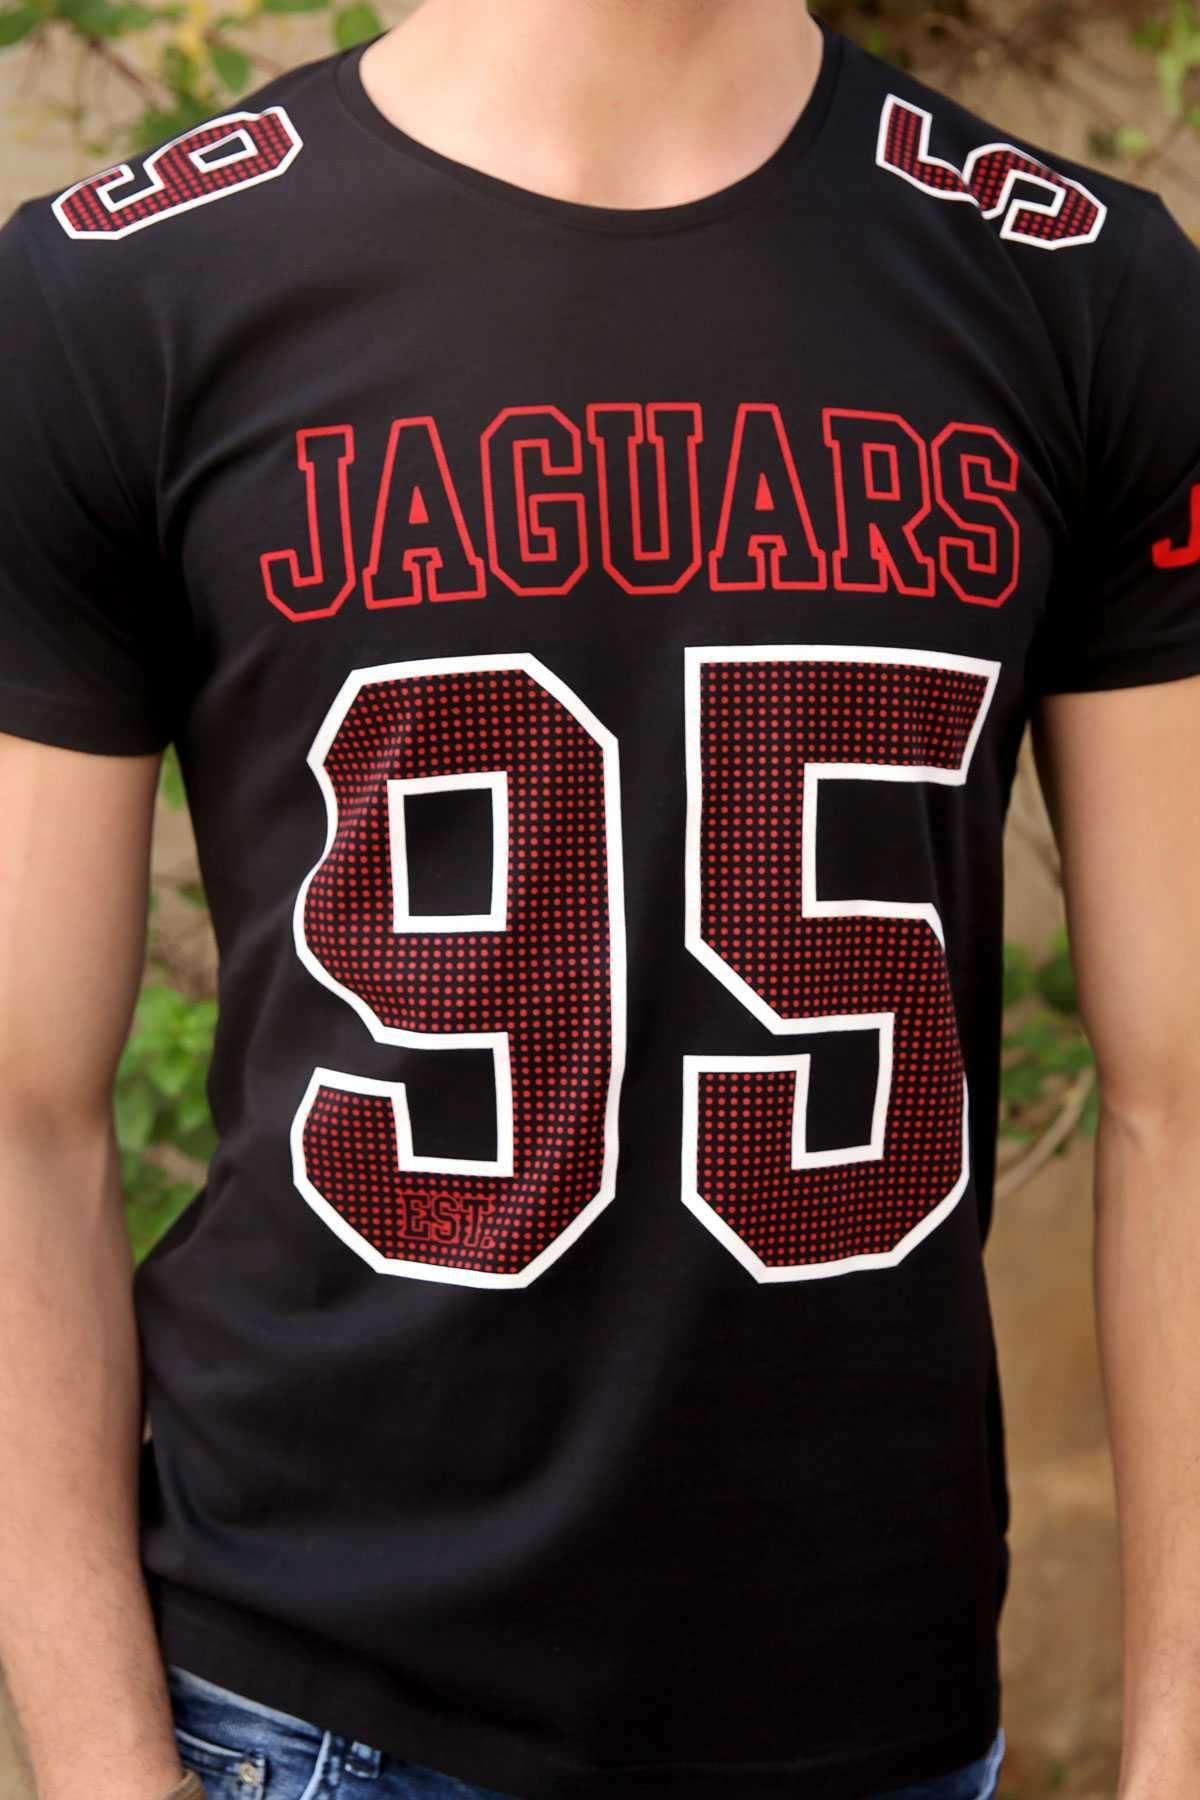 Jaguars 95 Yazı Baskılı Sıfır Yaka Slim Fit Tişört Siyah